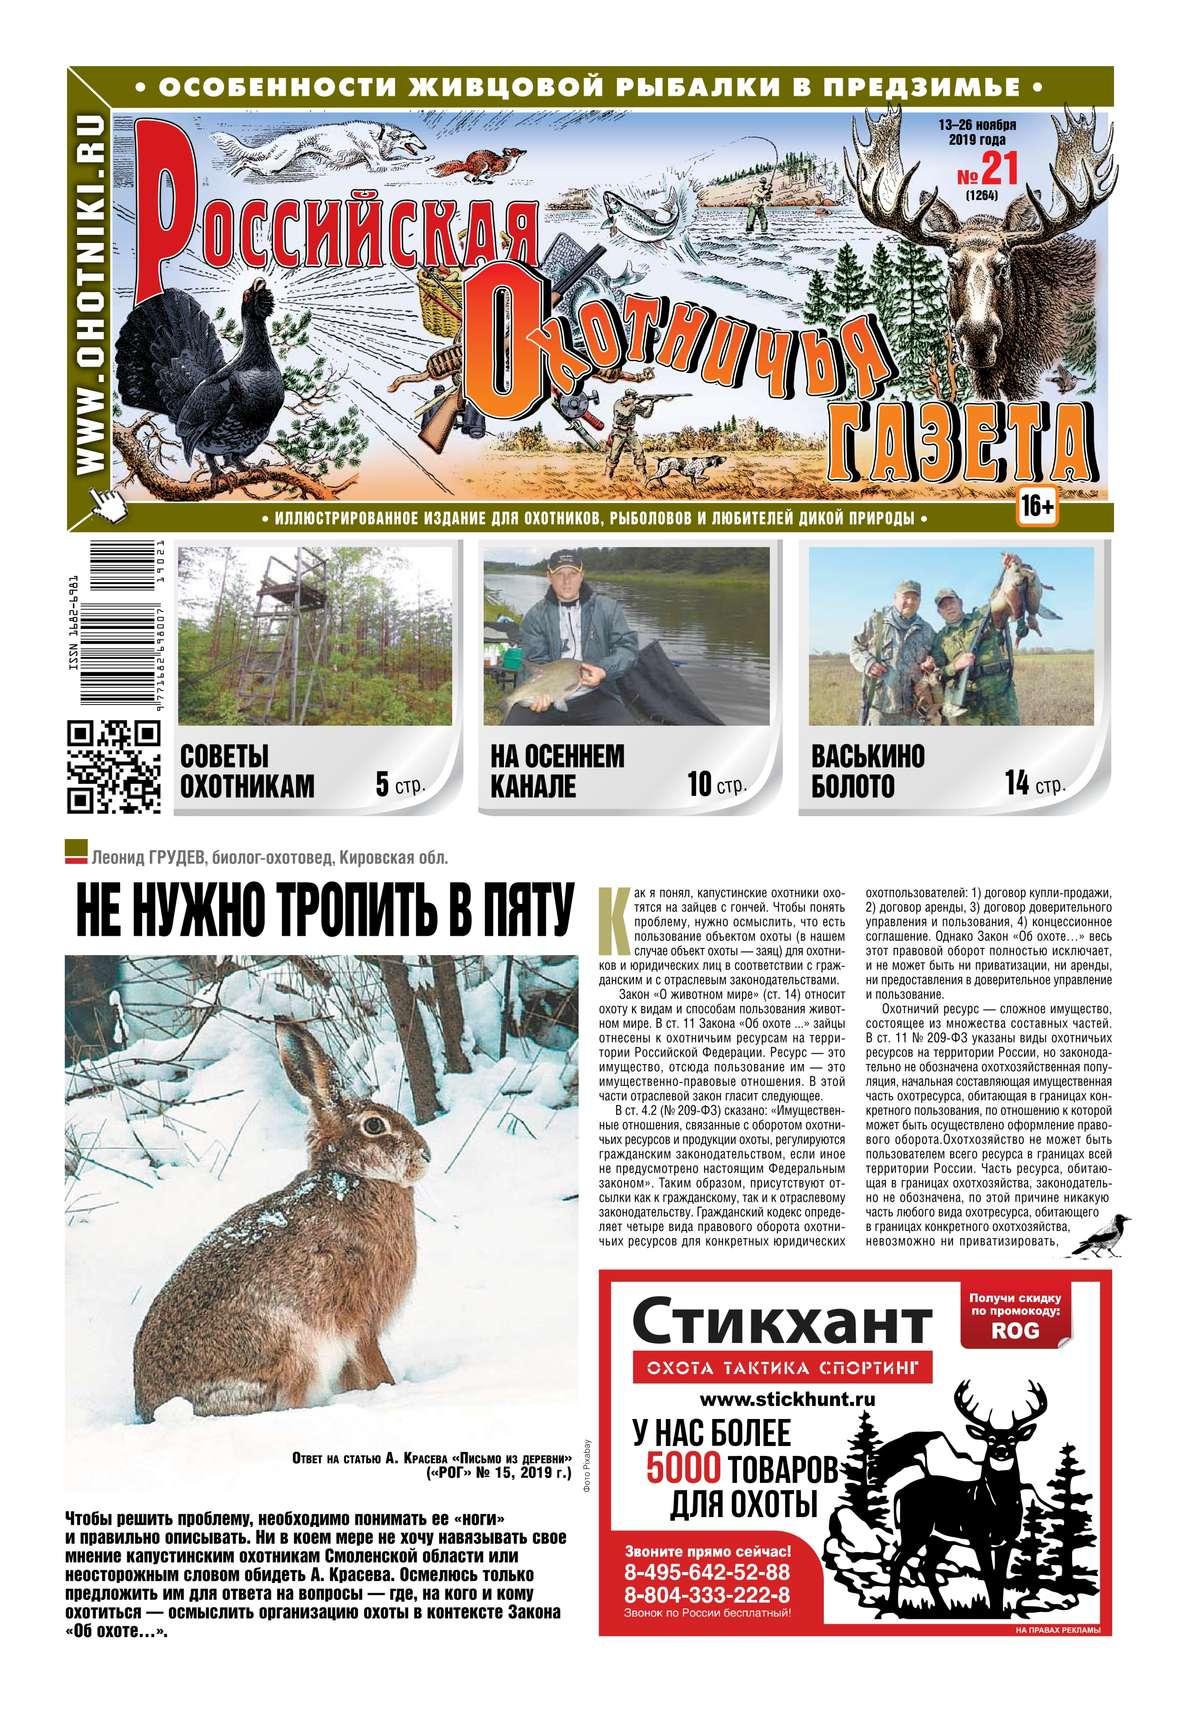 Российская Охотничья Газета 21-2019